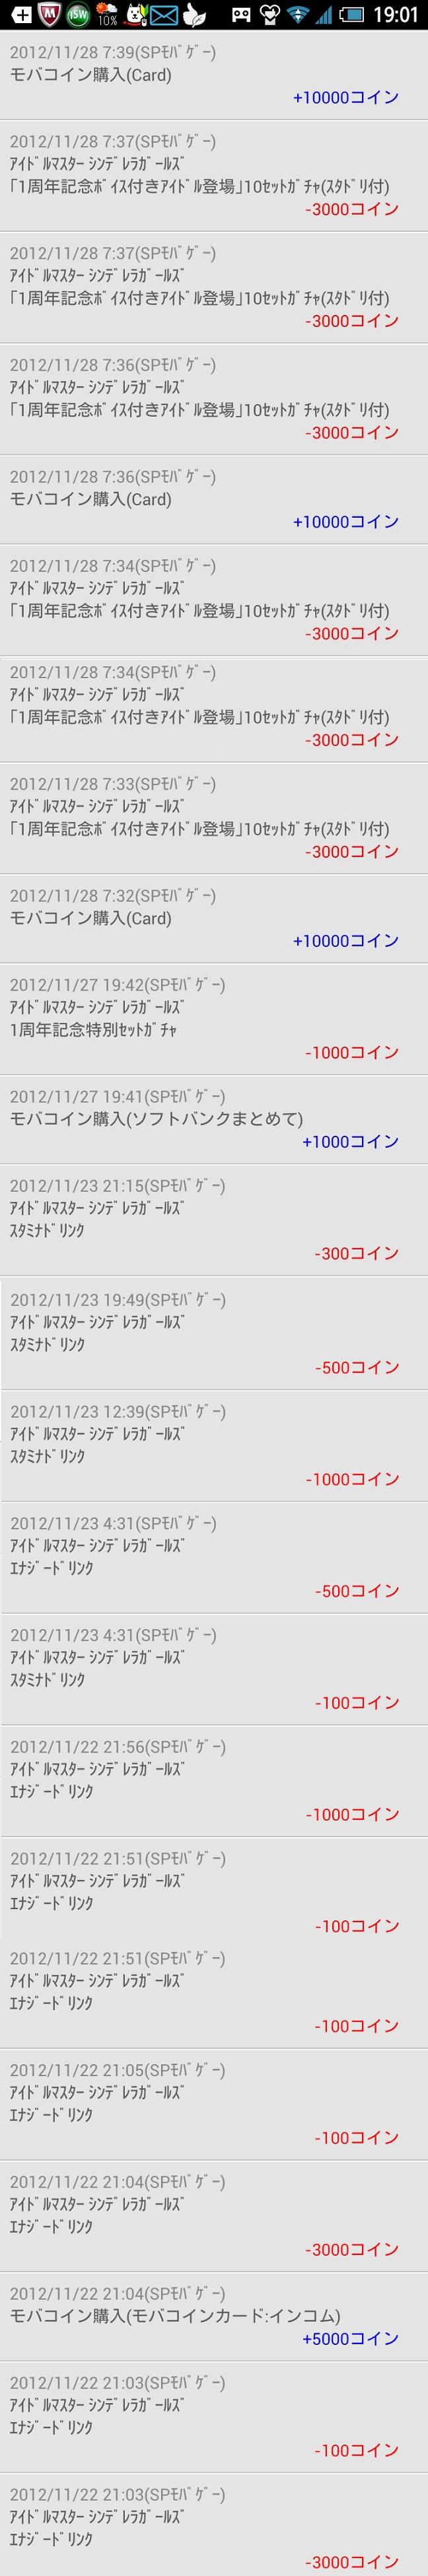 2012-12-29-19-01-39.jpg